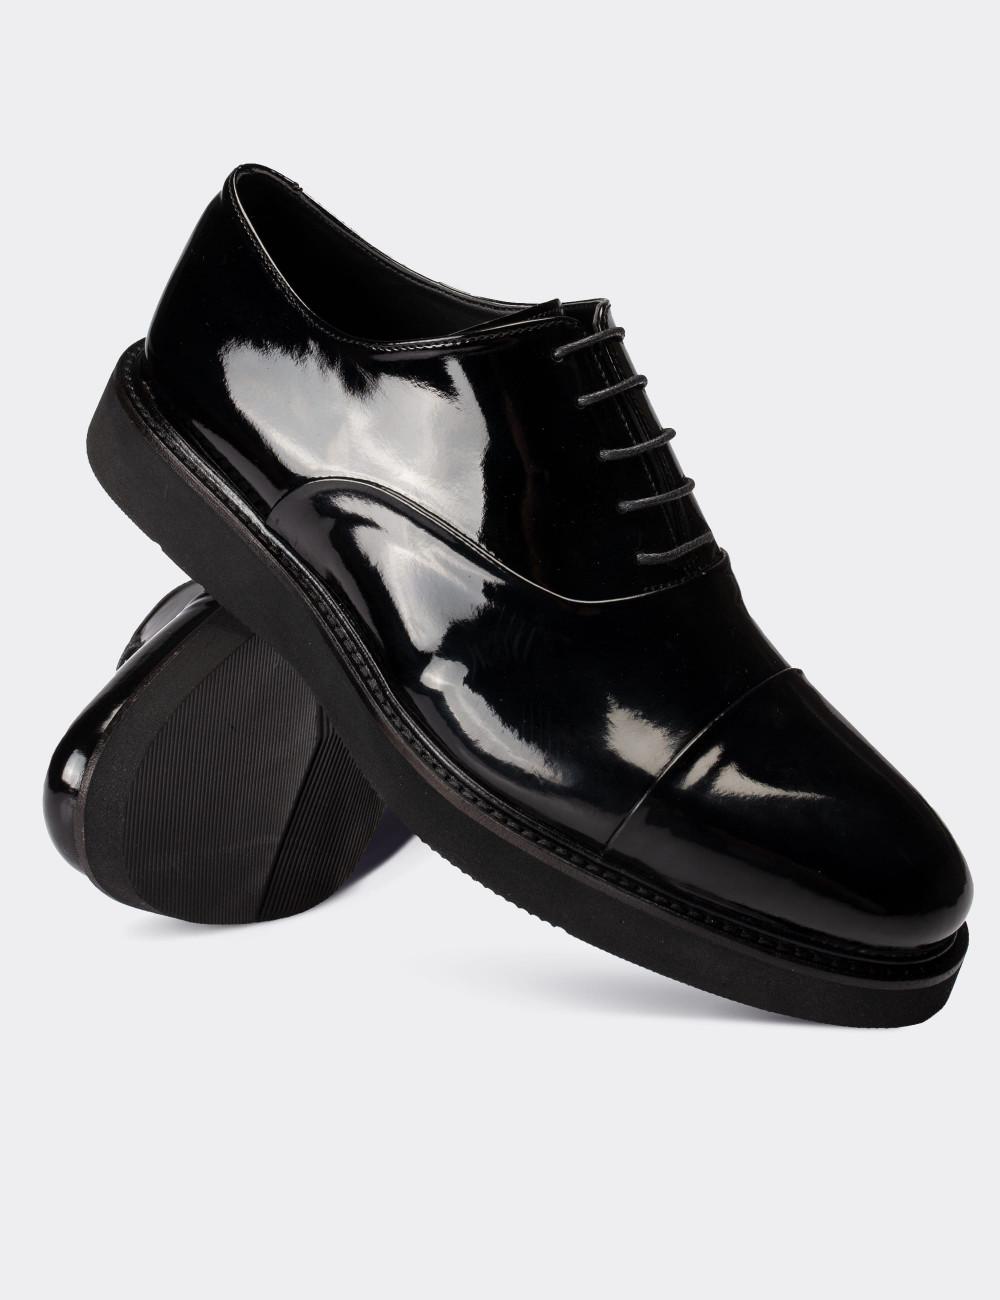 Siyah Rugan Günlük Erkek Ayakkabı - 01026MSYHE13